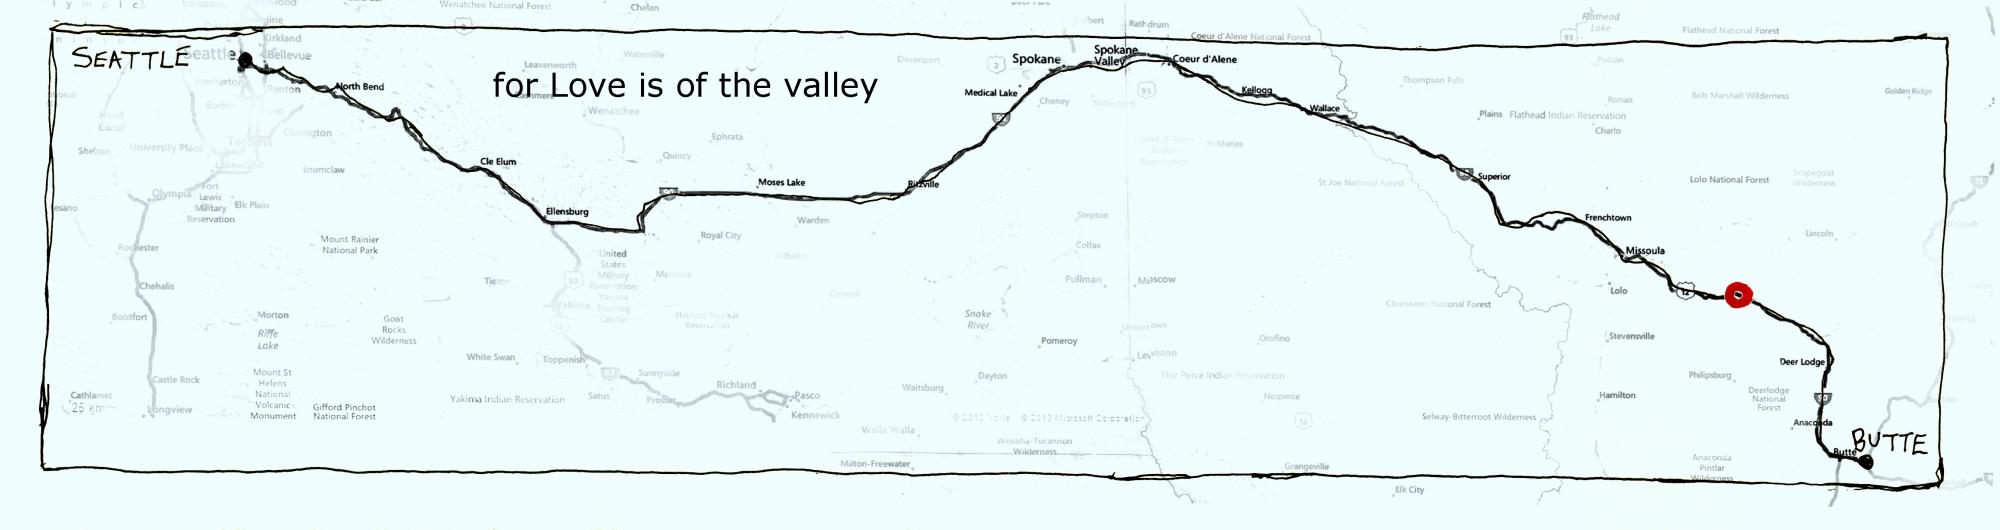 457 map